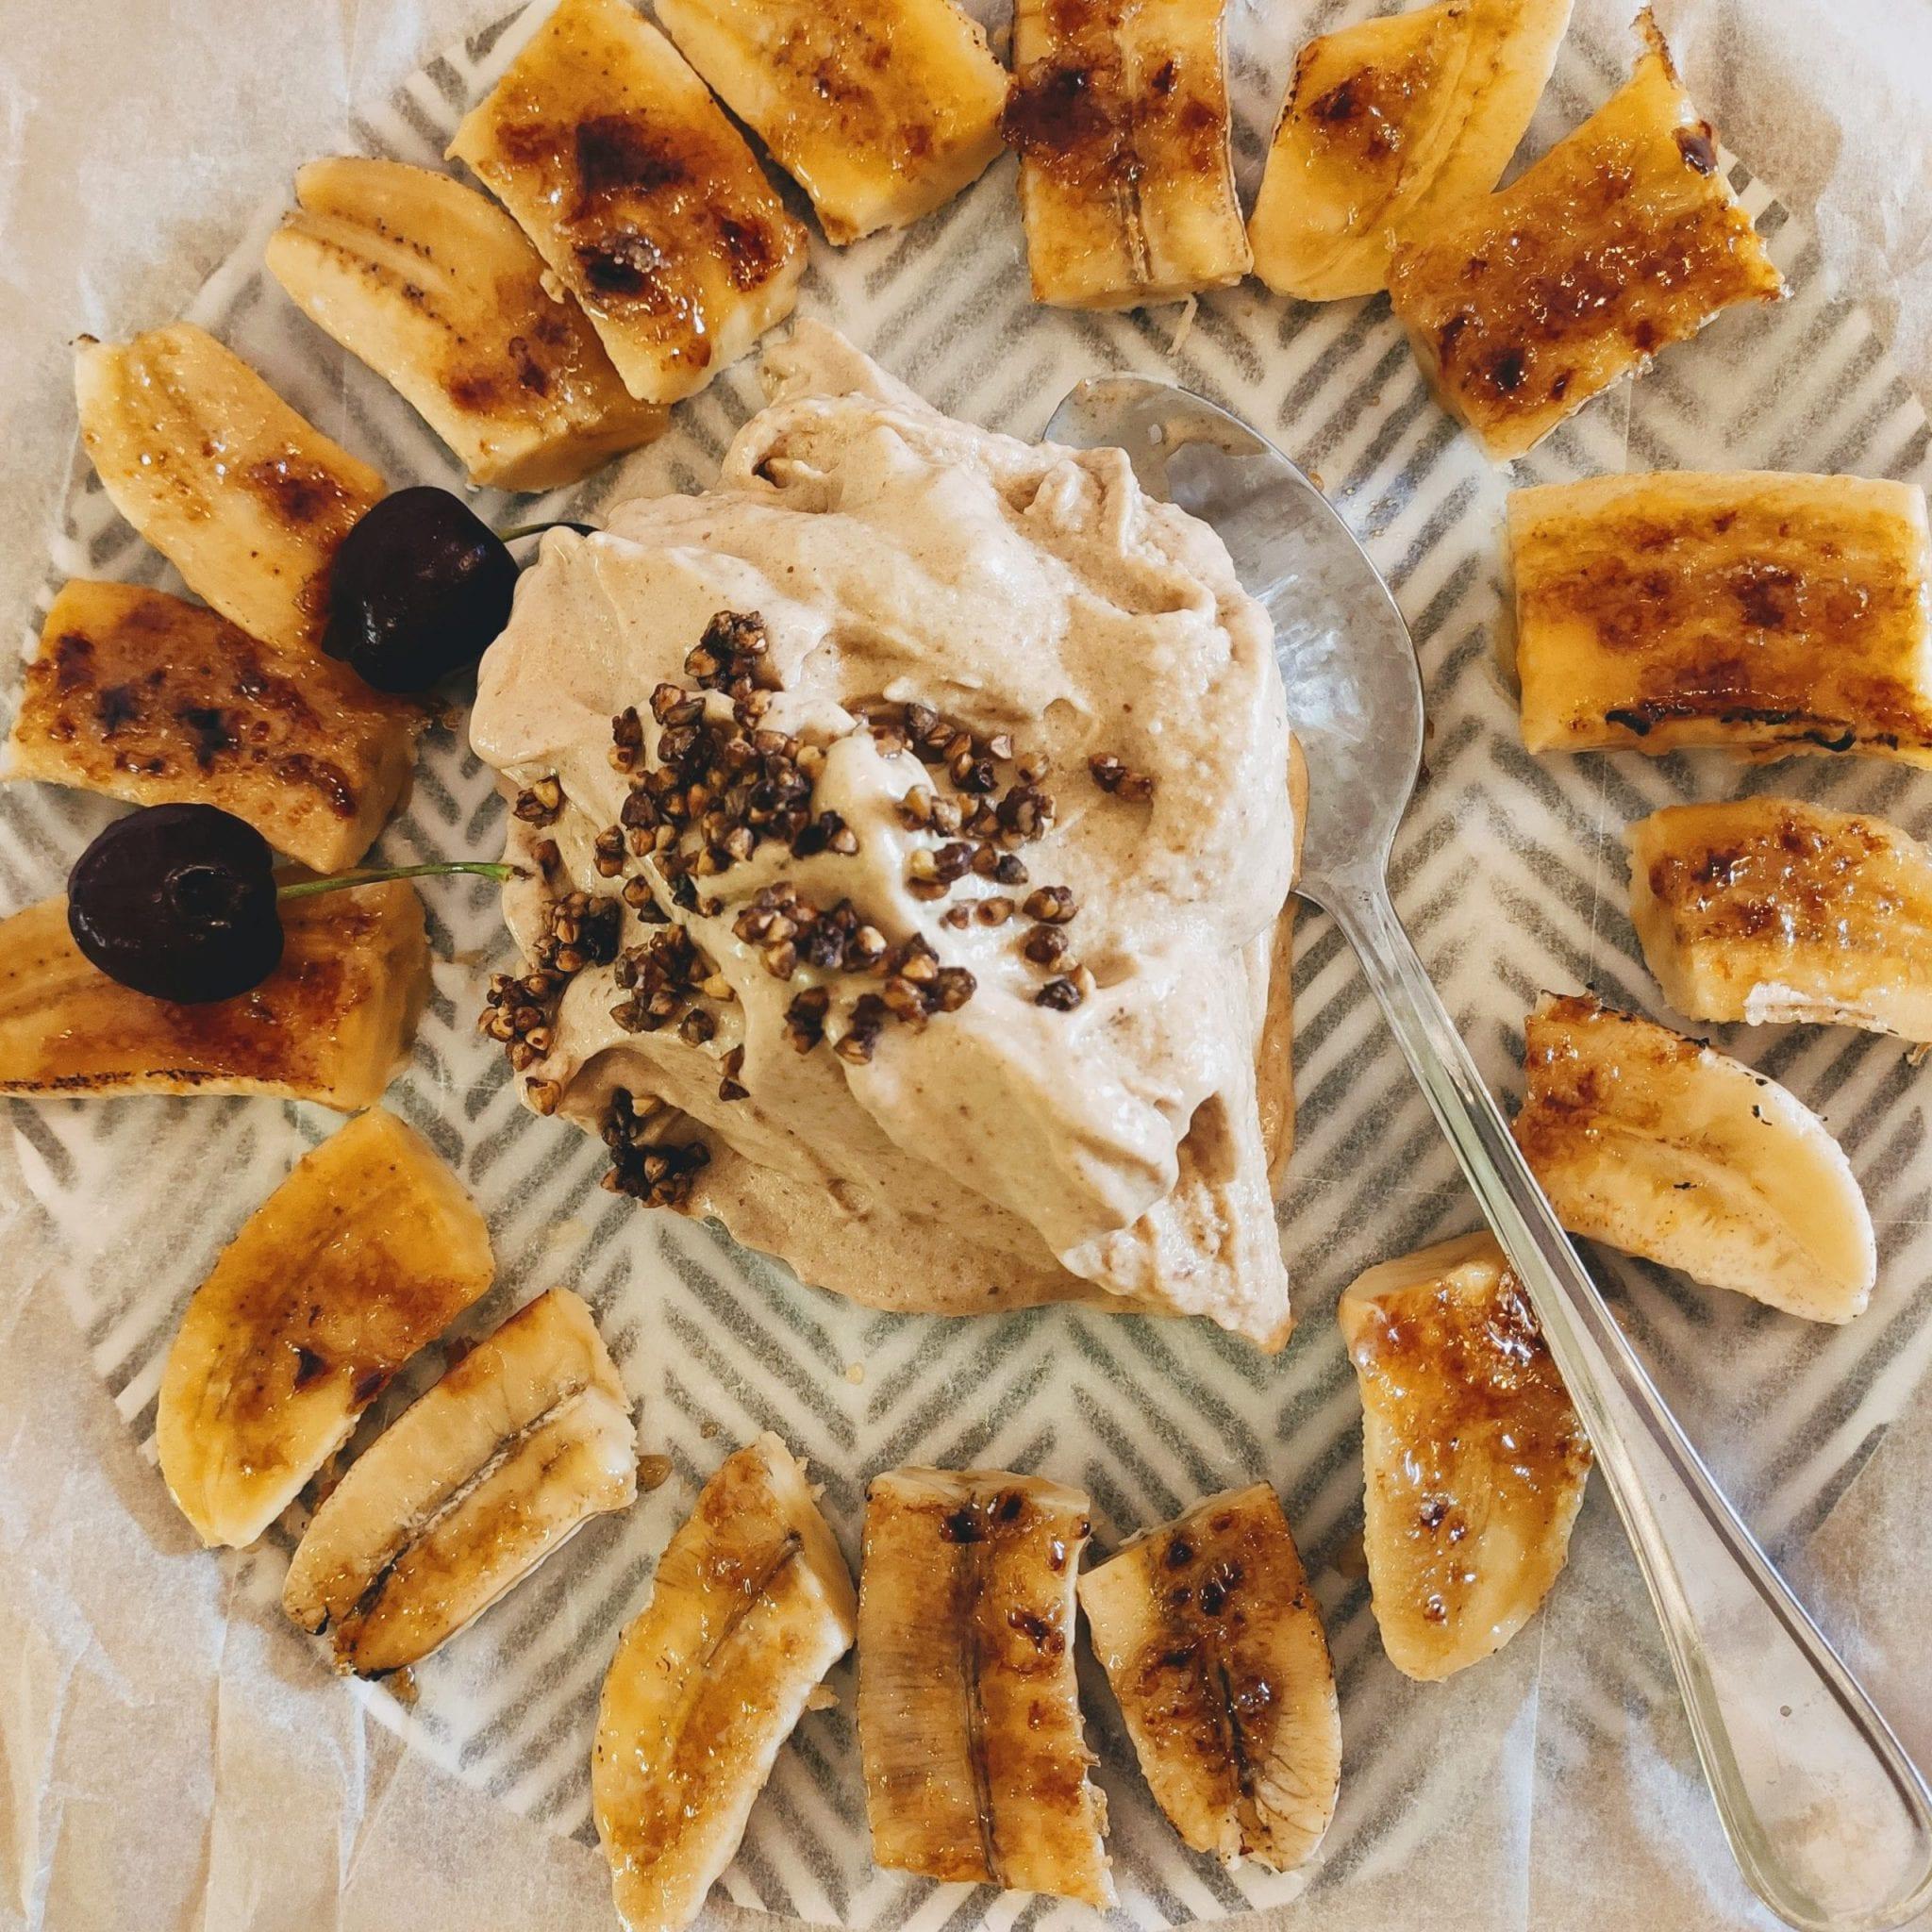 סיור אוכל בחיפה ורד פרמן